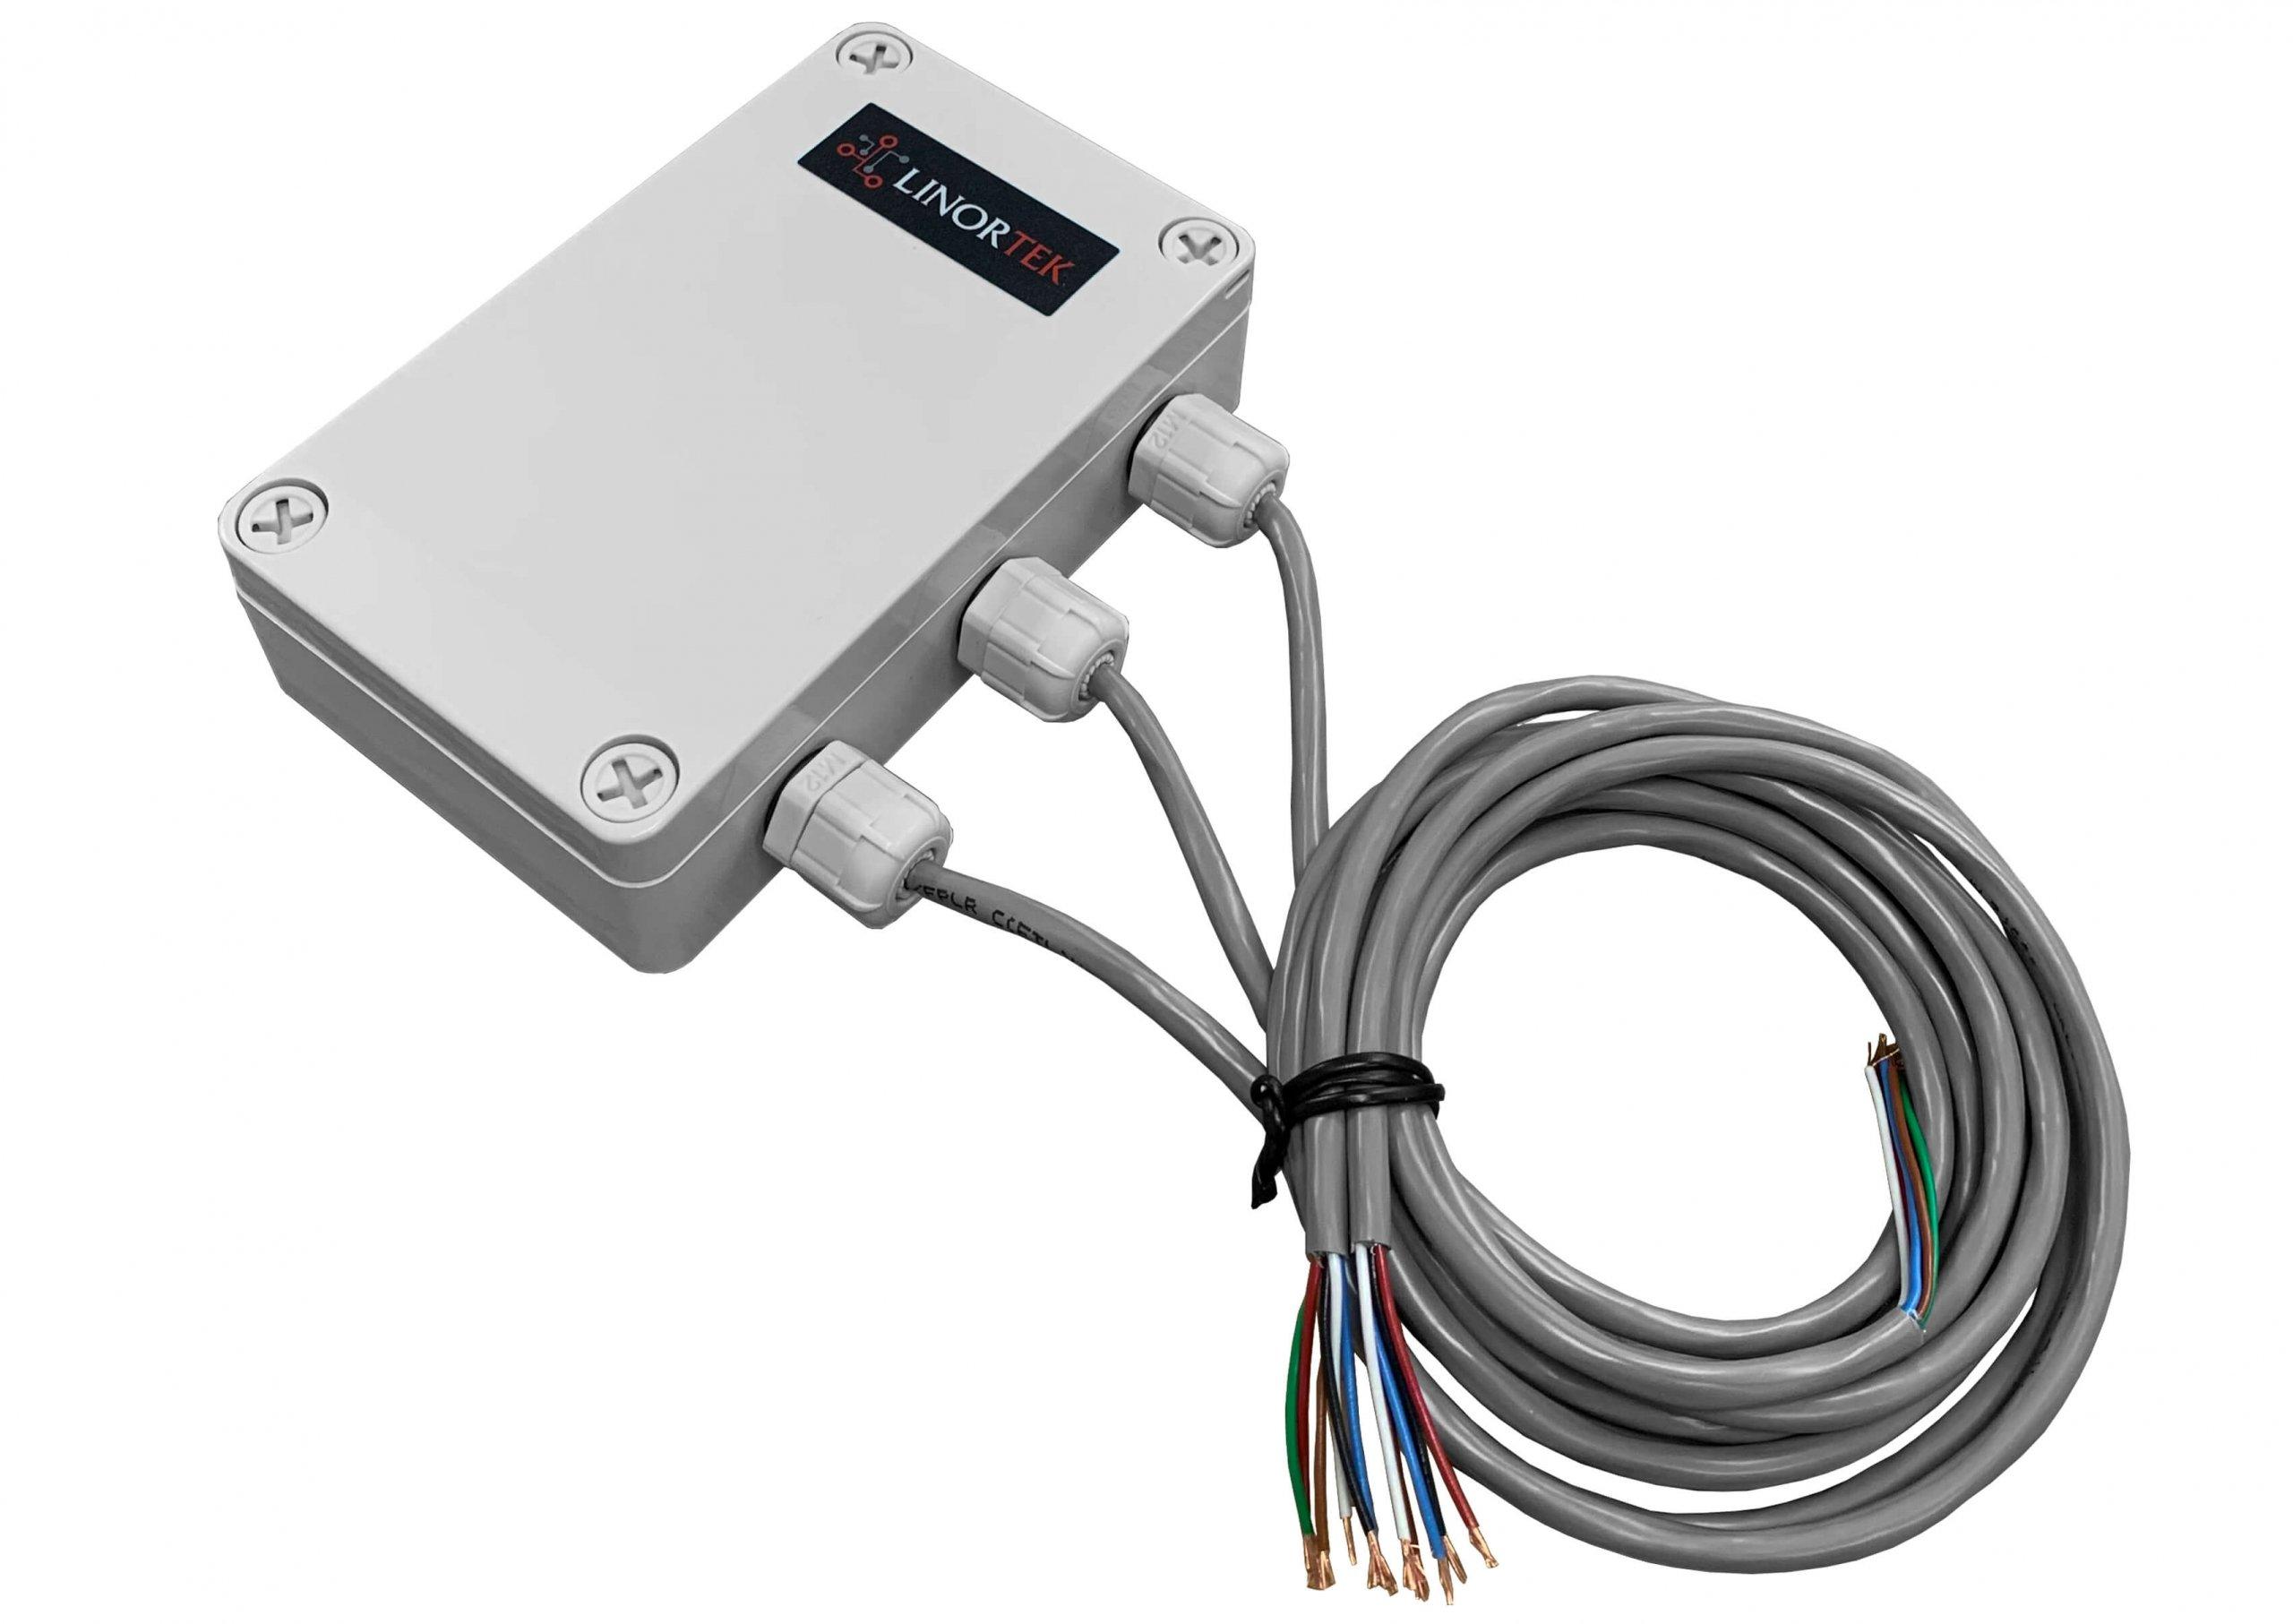 WFMN-ADi Wireless WiFi Equipment Runtime Hour Meter